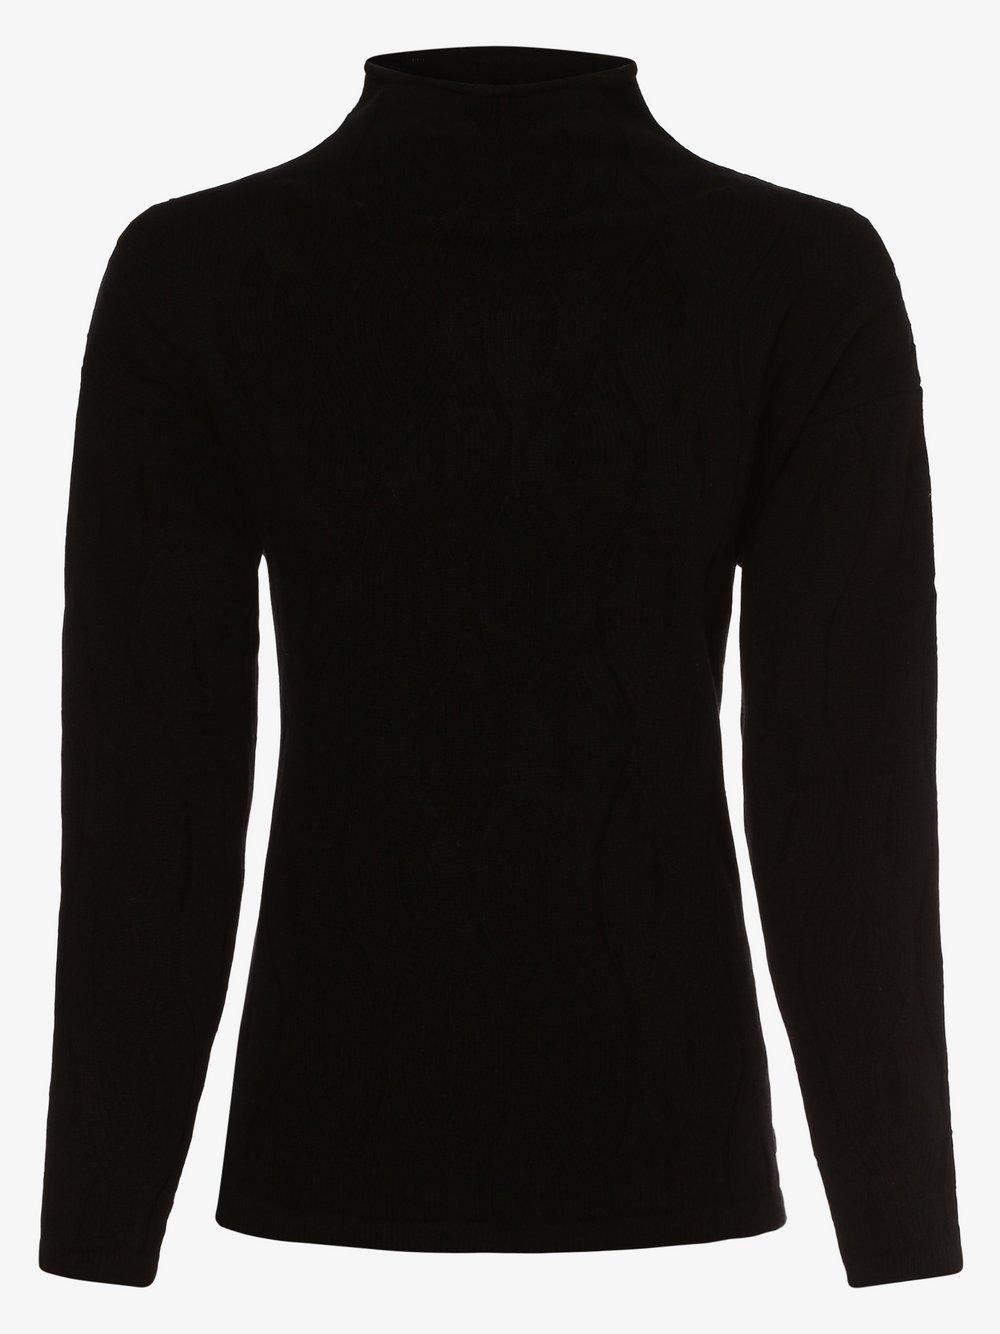 März – Sweter damski, czarny Van Graaf 448720-0003-00360